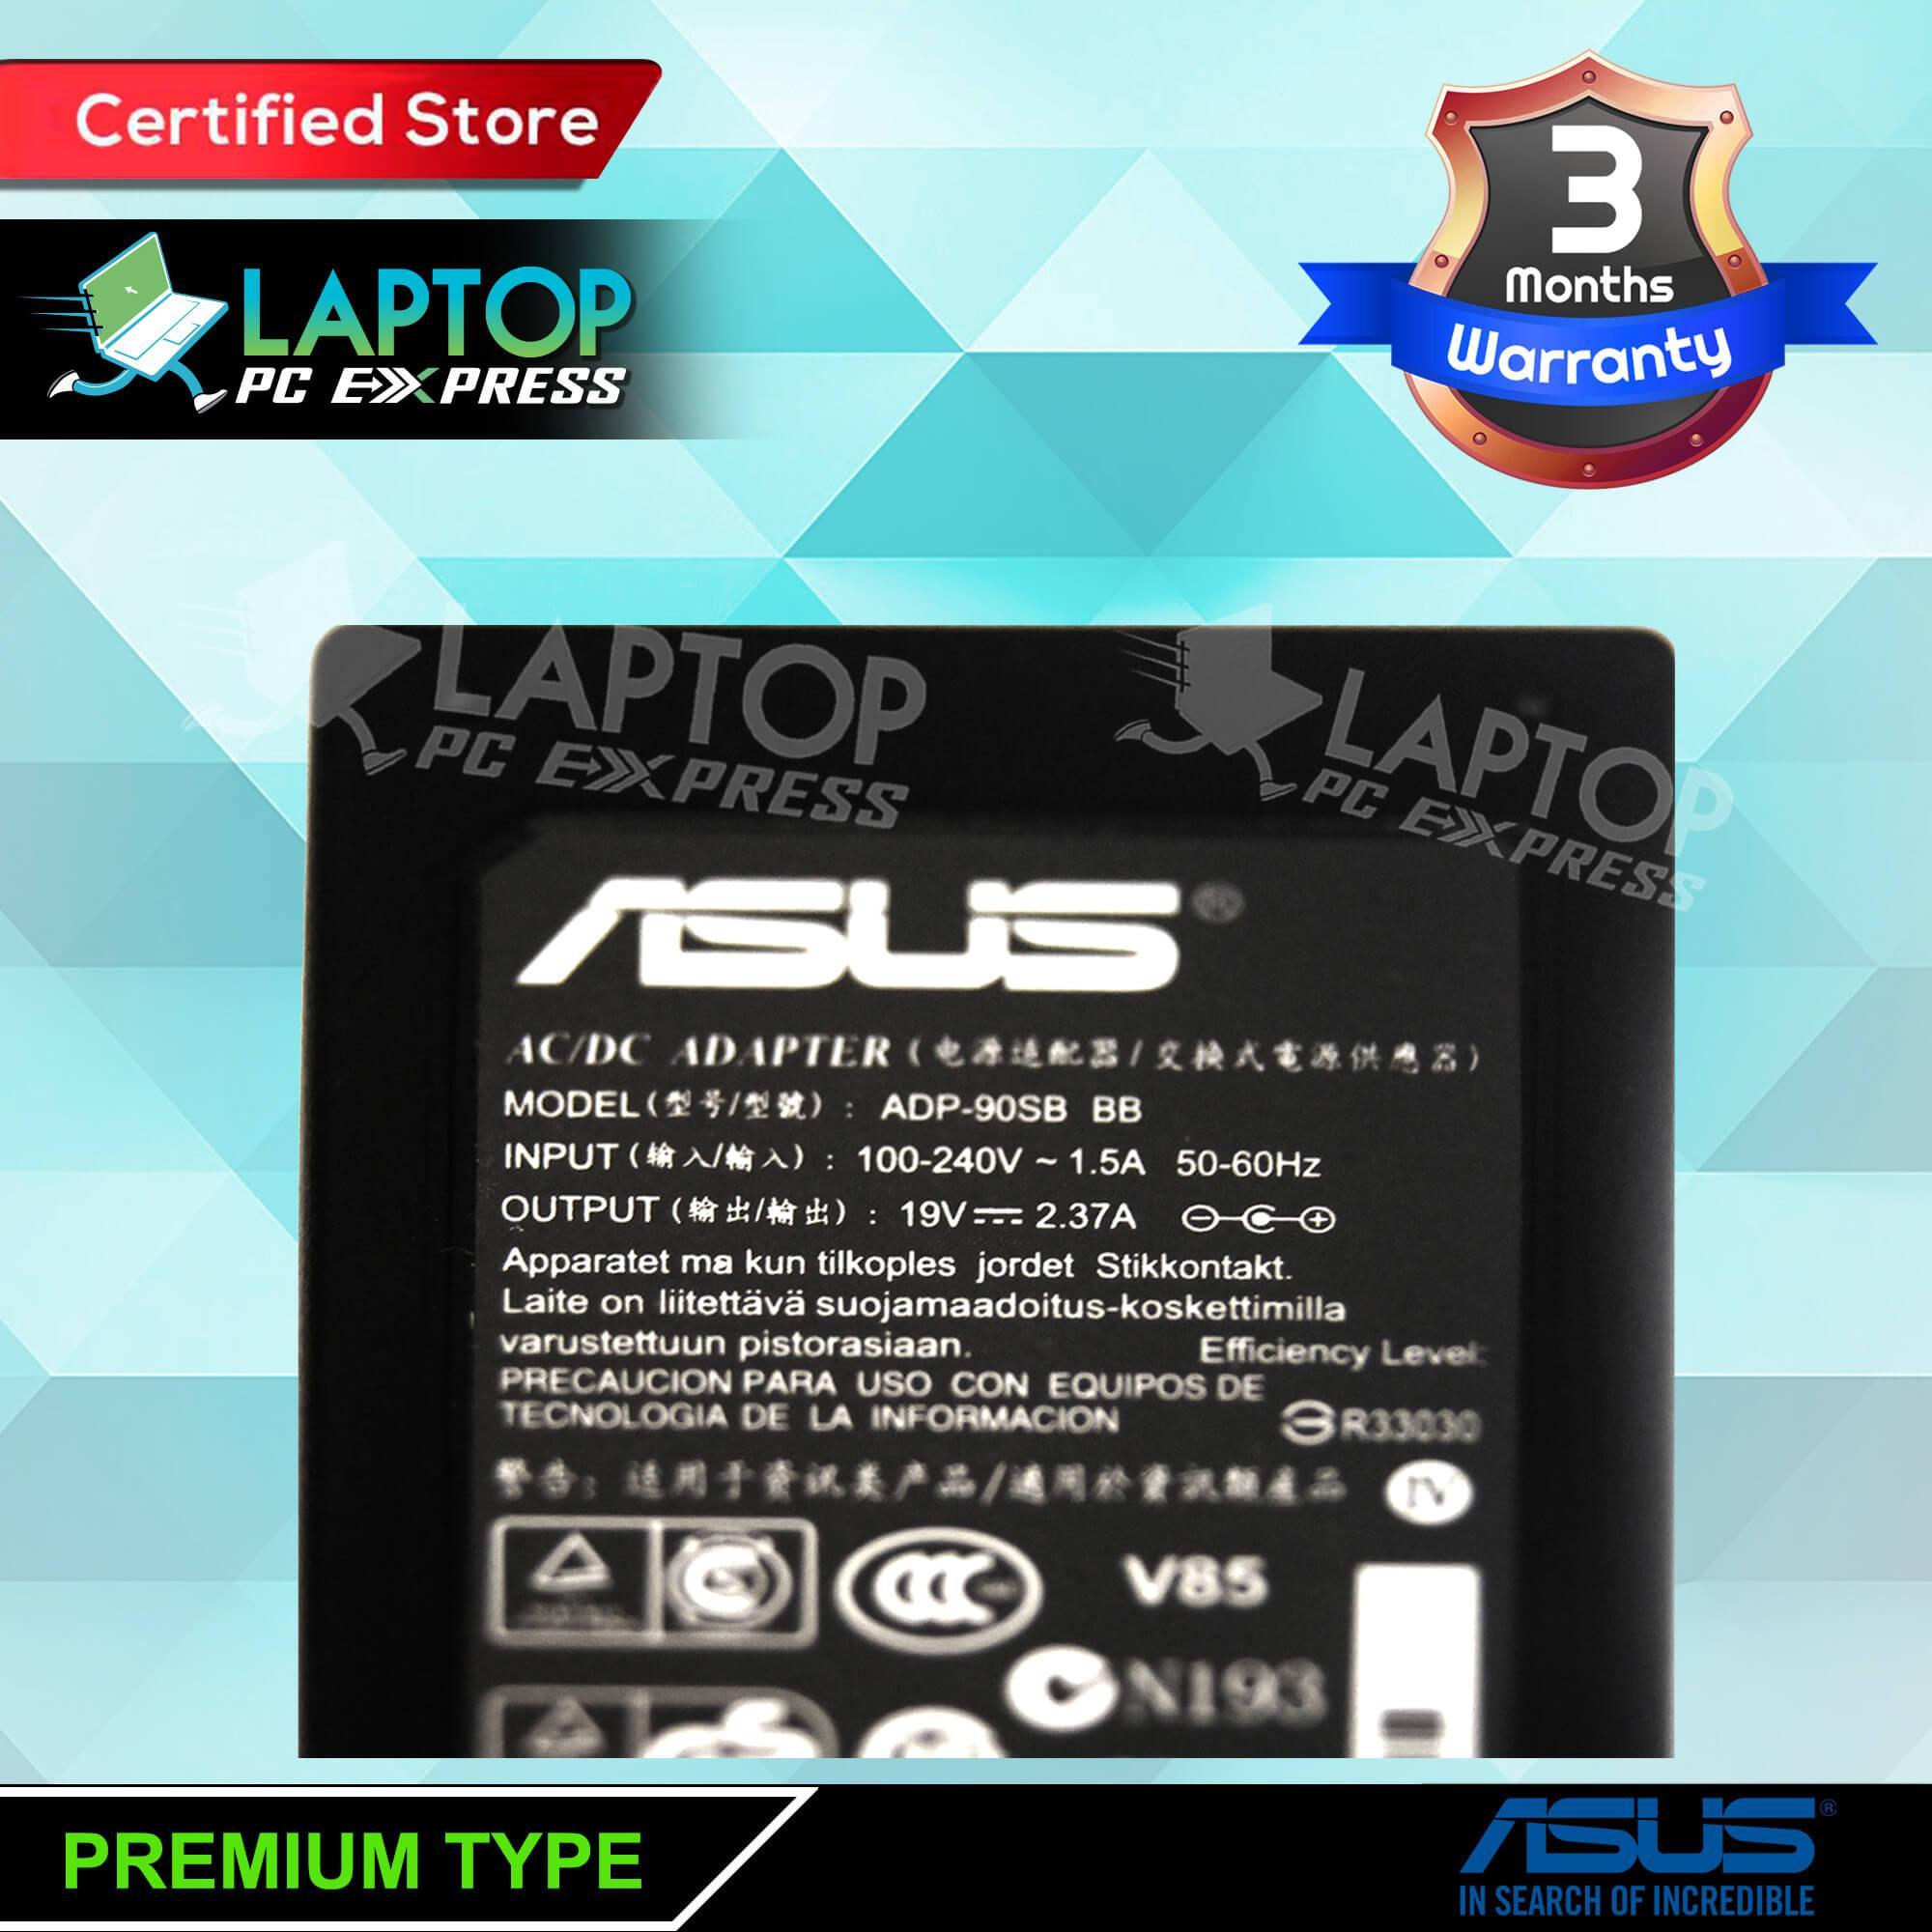 Asus Laptop Charger 19v 237a 55mm X 25mm Lazada Ph Adaptor Original X451 X451c X451ca